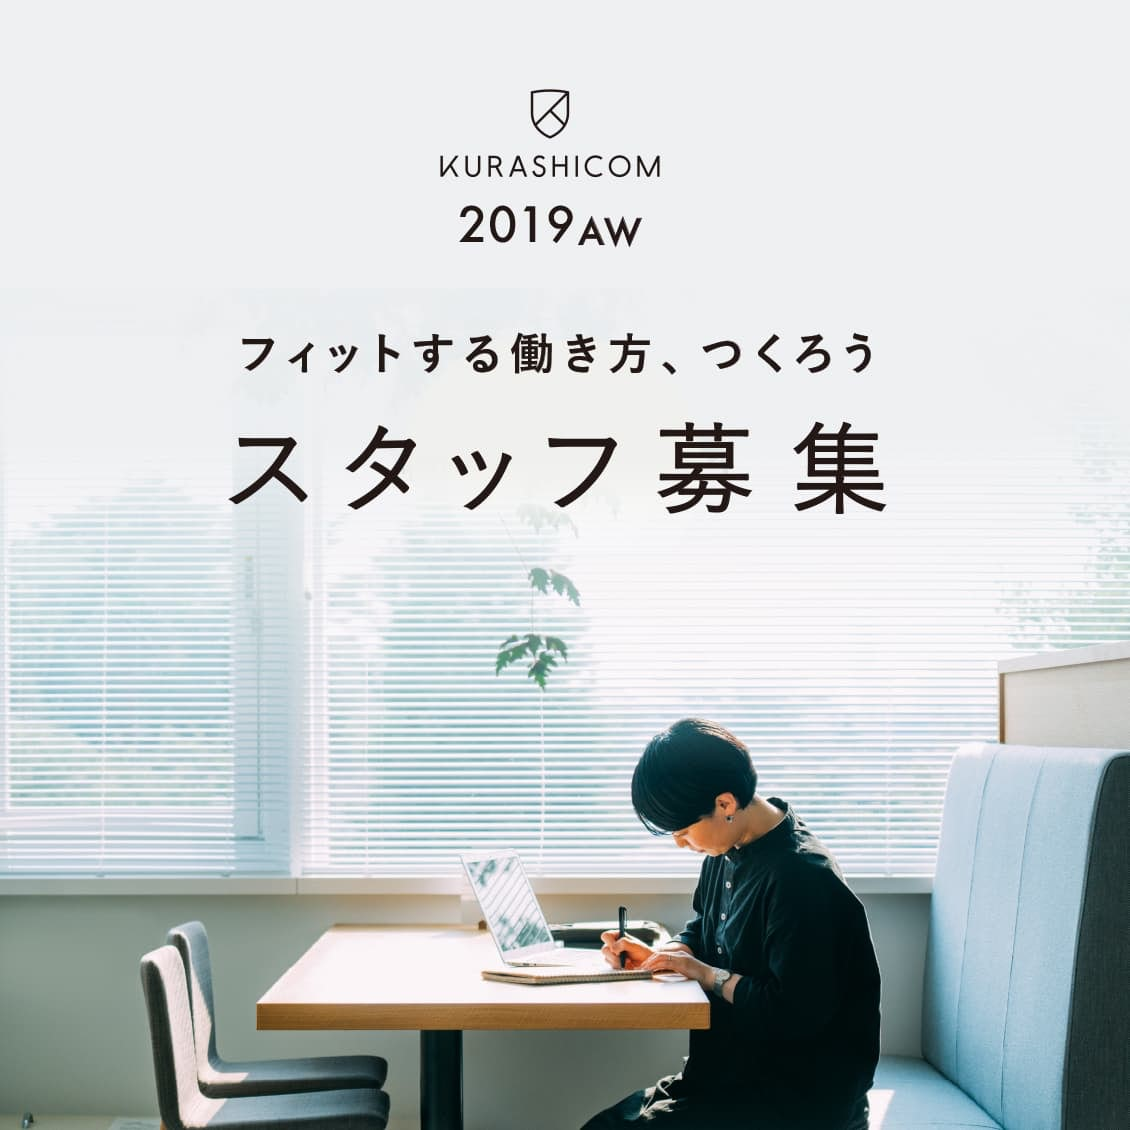 【キャリア採用】2019年秋のスタッフ募集スタート!応募締切は8/27(火)まで